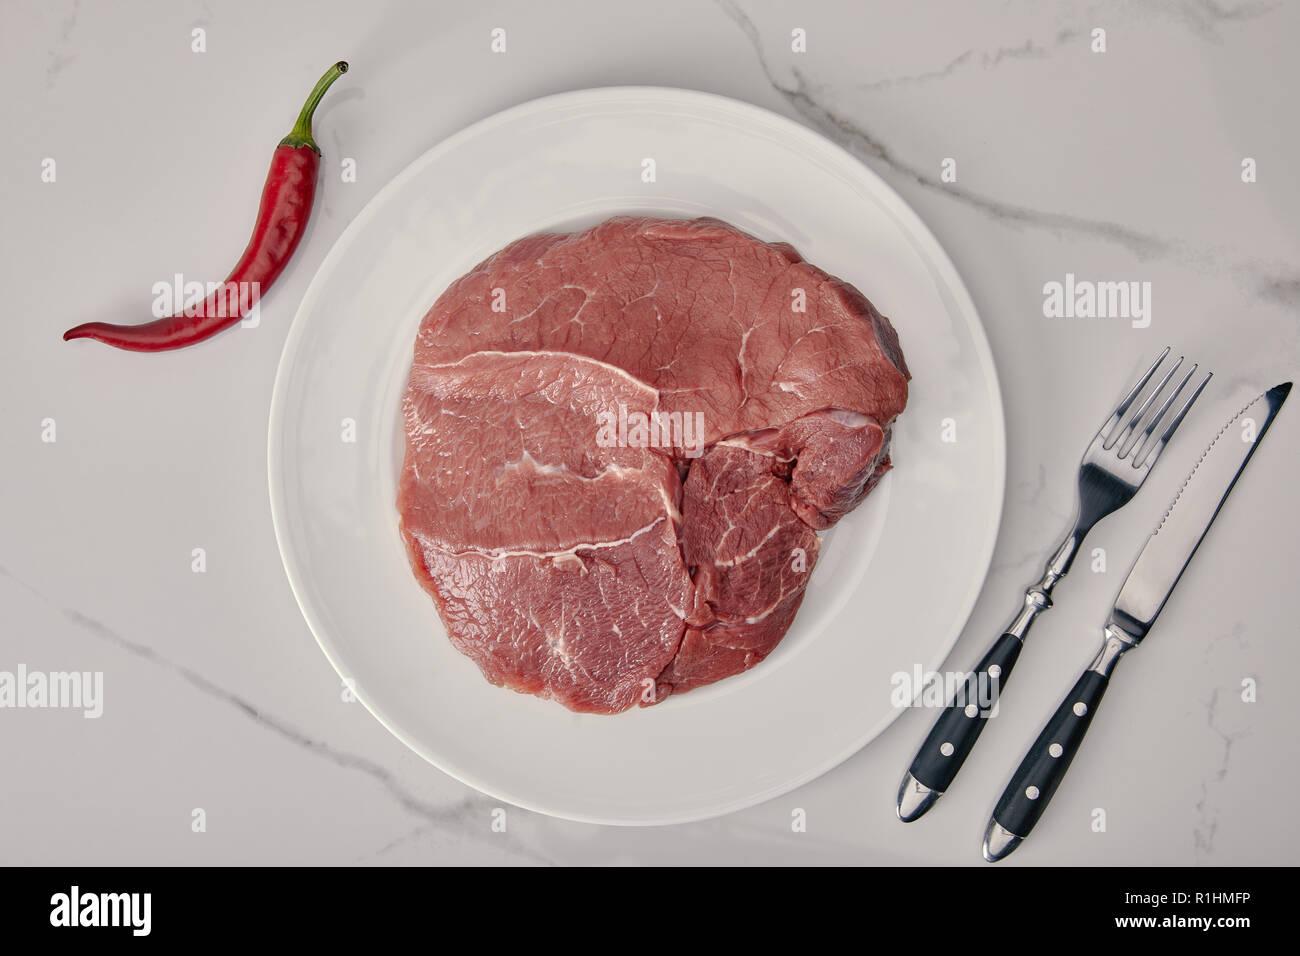 Ansicht von oben frisches rohes Fleisch auf dem Teller mit Küche Besteck und Chili auf weißem Hintergrund Stockbild